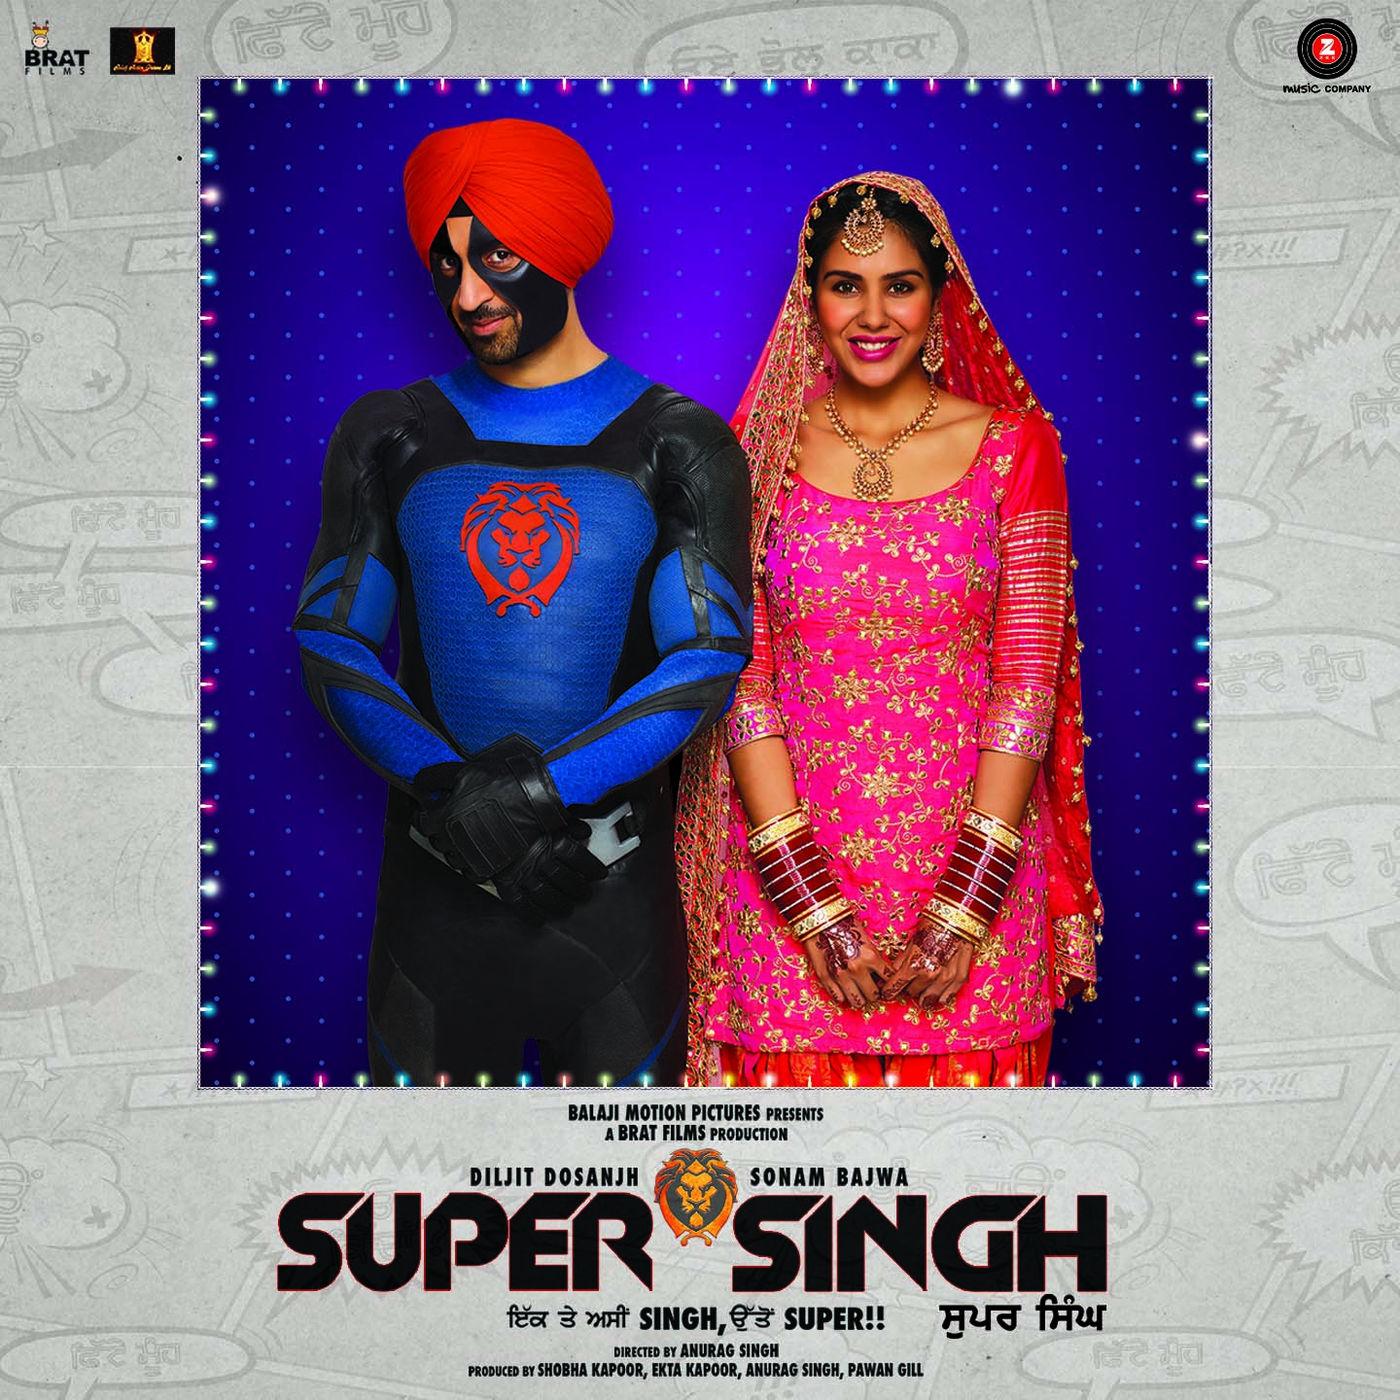 Super Singh (Movie) - Diljit Dosanjh